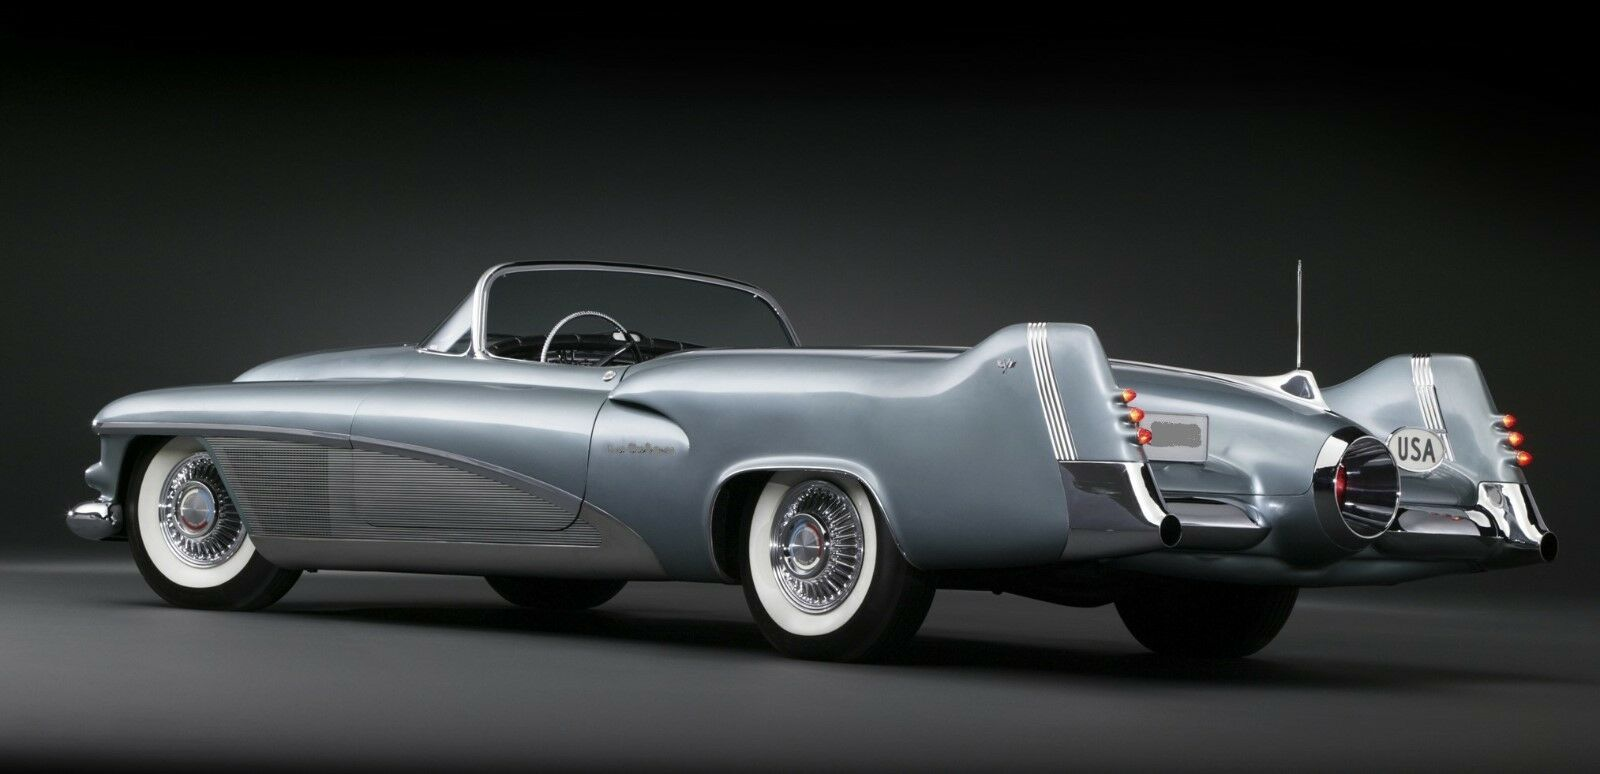 Car Cadillac 1 1950s 18 Vintage 12 Antique Antique Antique 24 1959 1961 1967 1968 Rod 71be4c